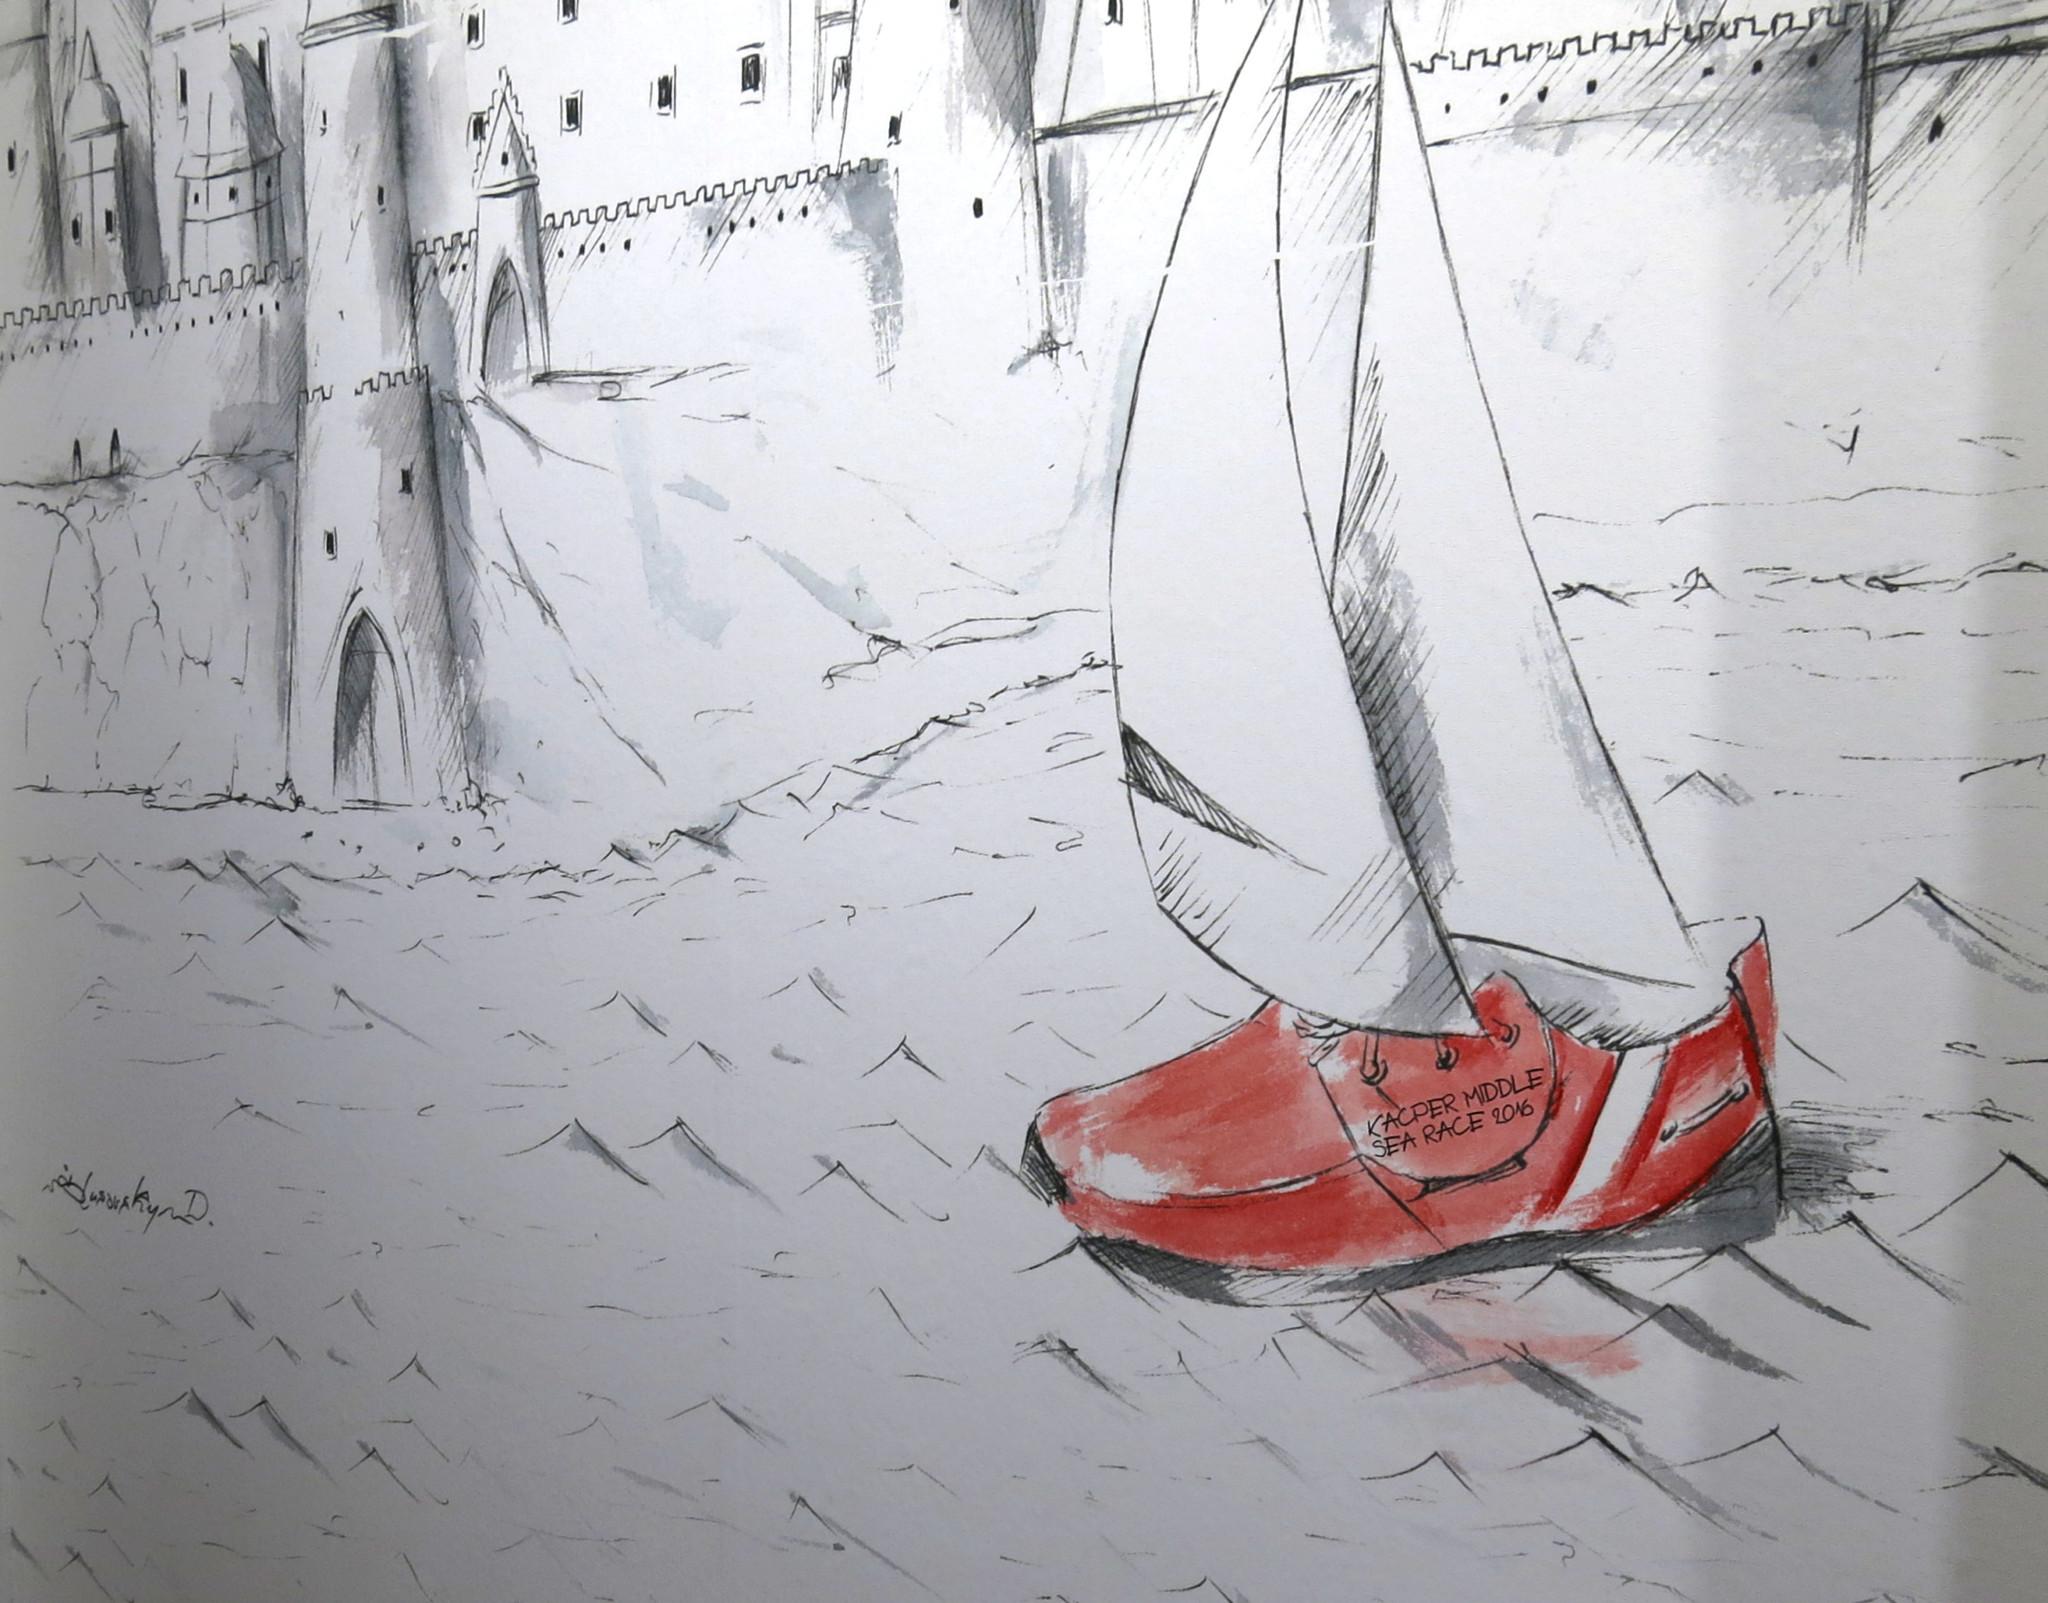 fototapety na wymiar walldecor mural Atelier Paweł Gaik Częstochowa